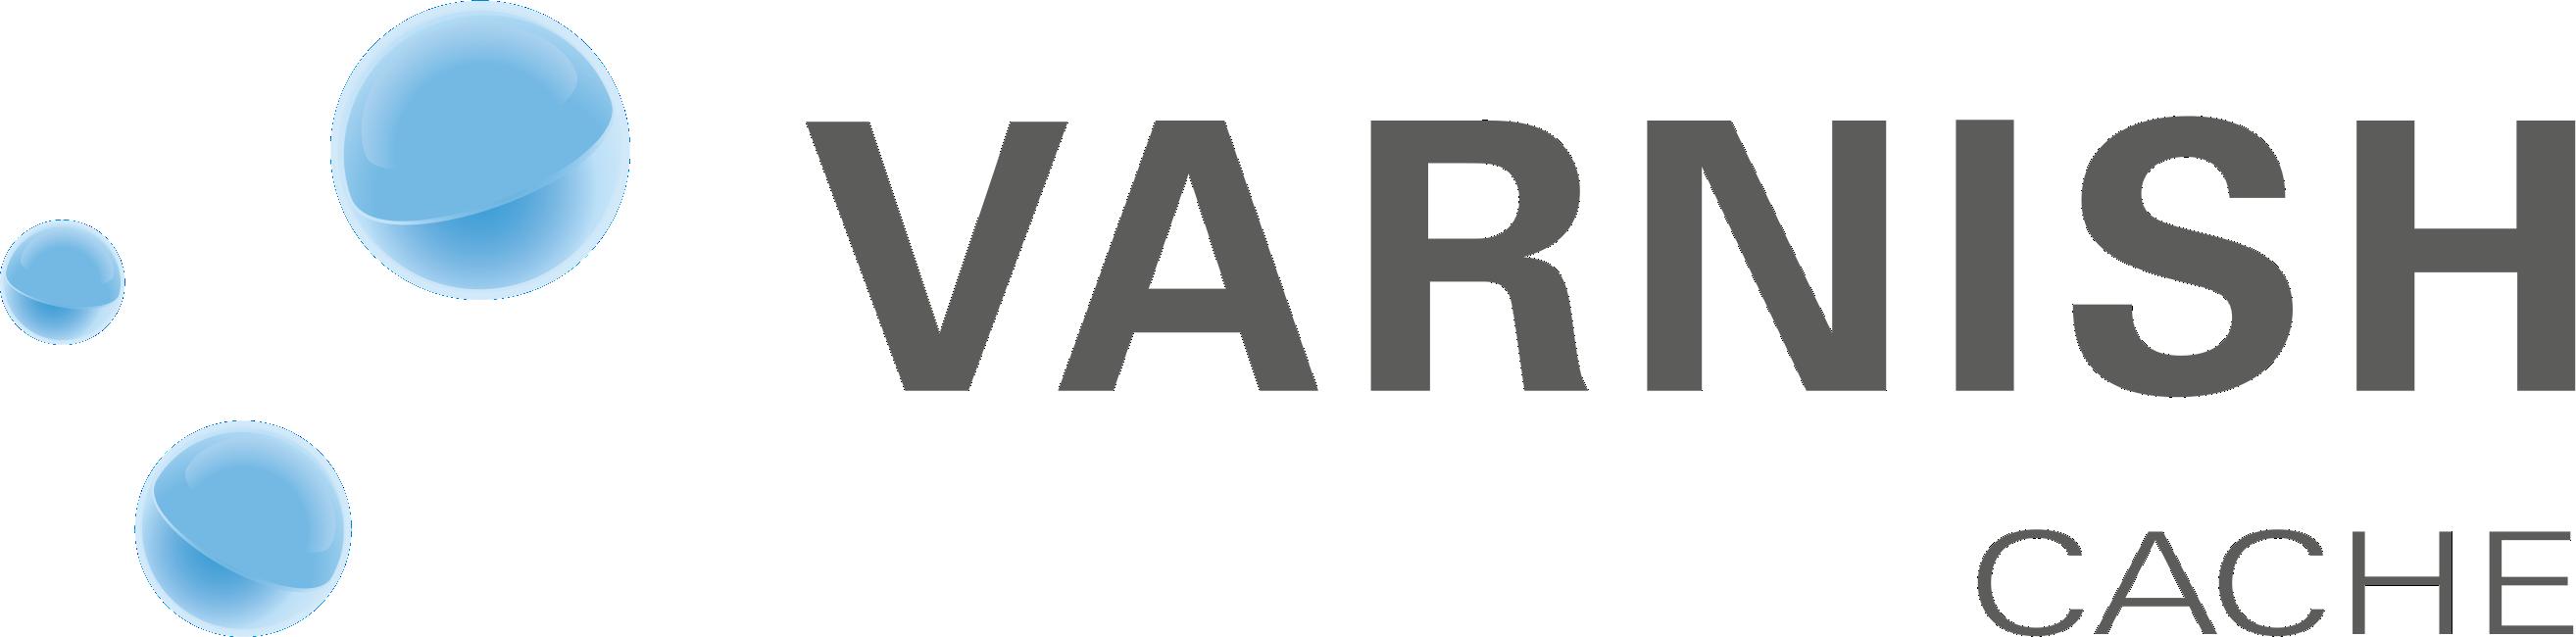 Scaling Varnish